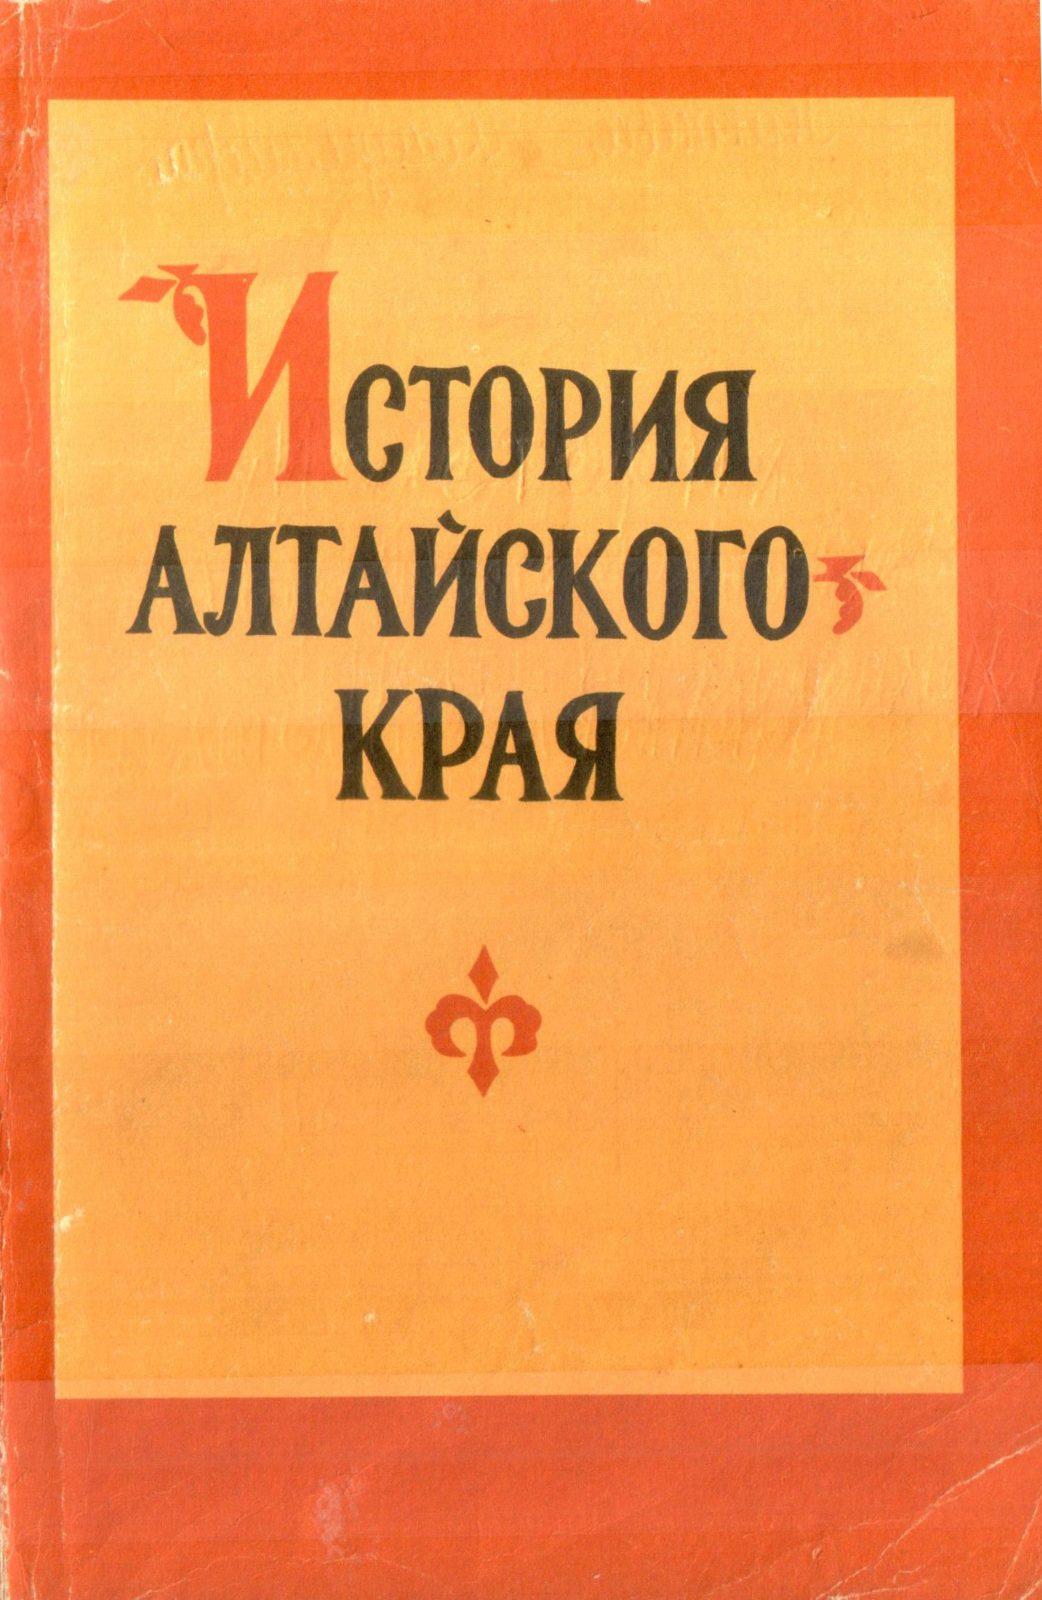 История Алтайского края.